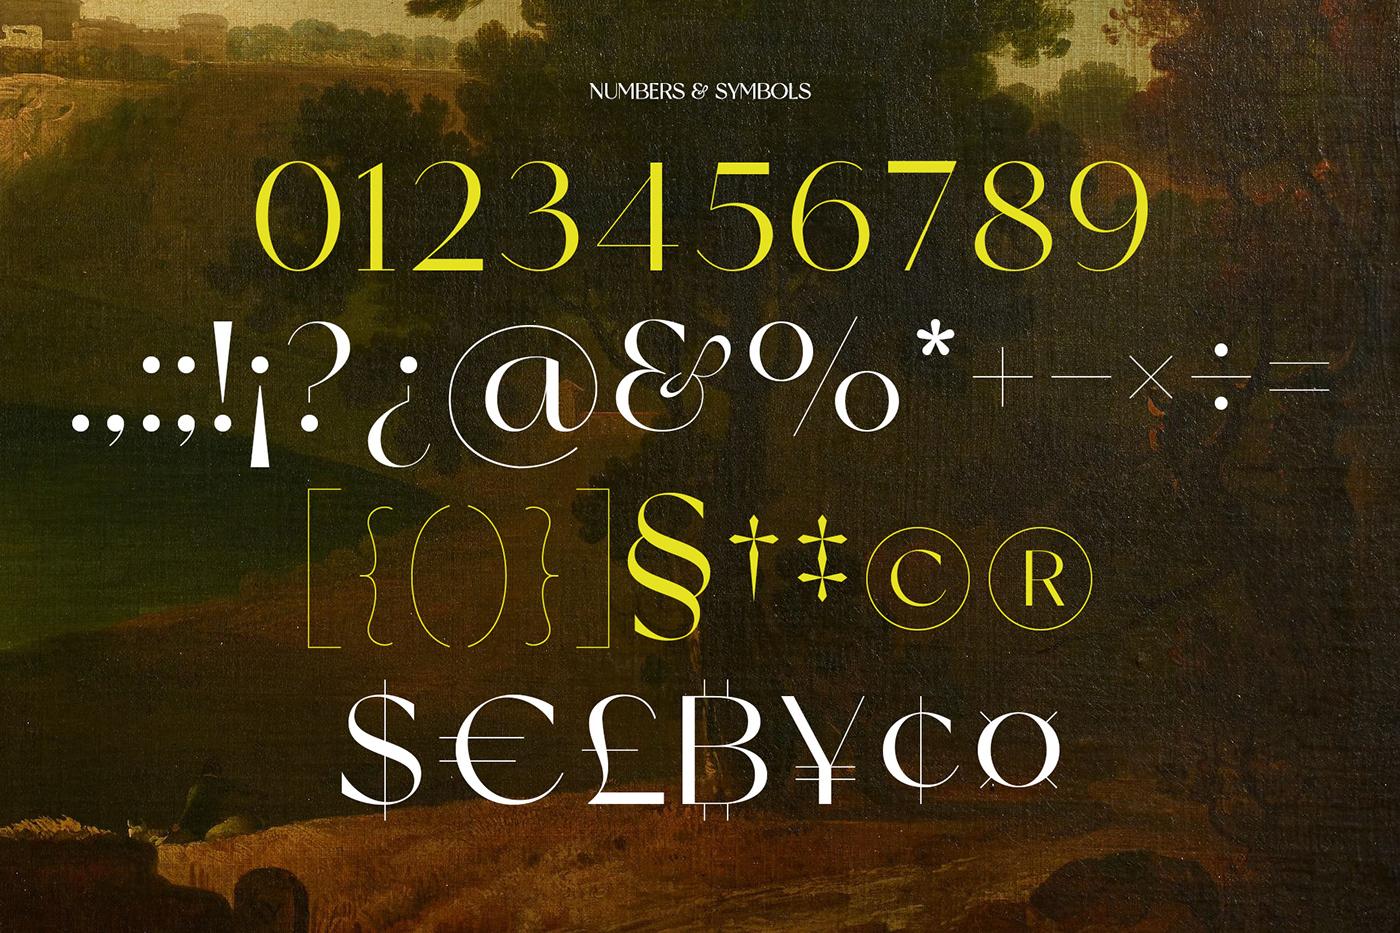 现代时尚杂志标题徽标Logo设计无衬线英文字体素材 Miracle Typeface插图12